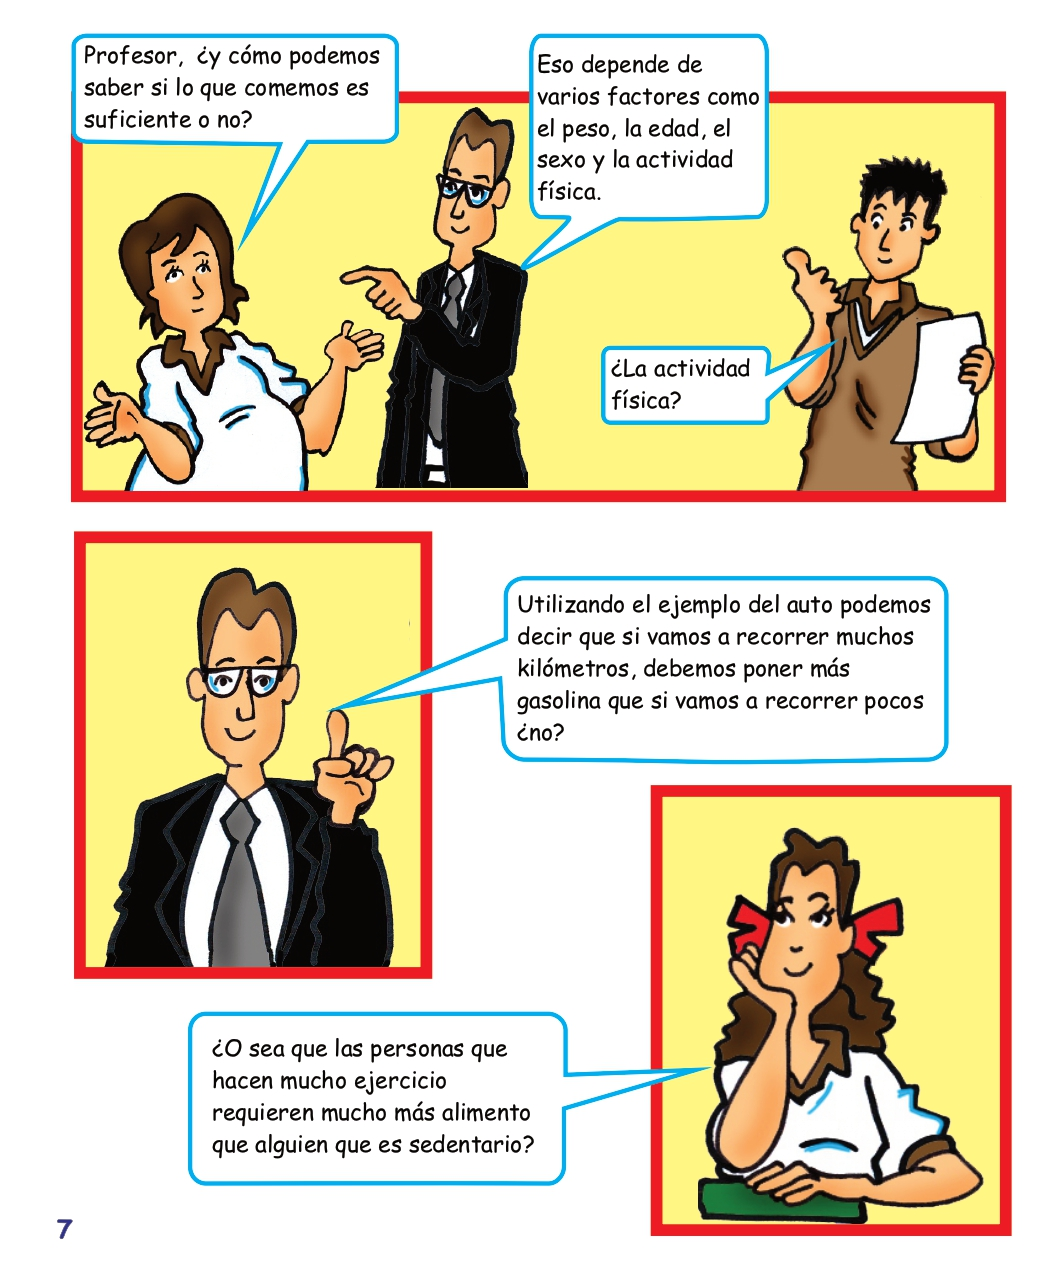 Psicología adolescentes Reyhan cap1 digital_page-0010